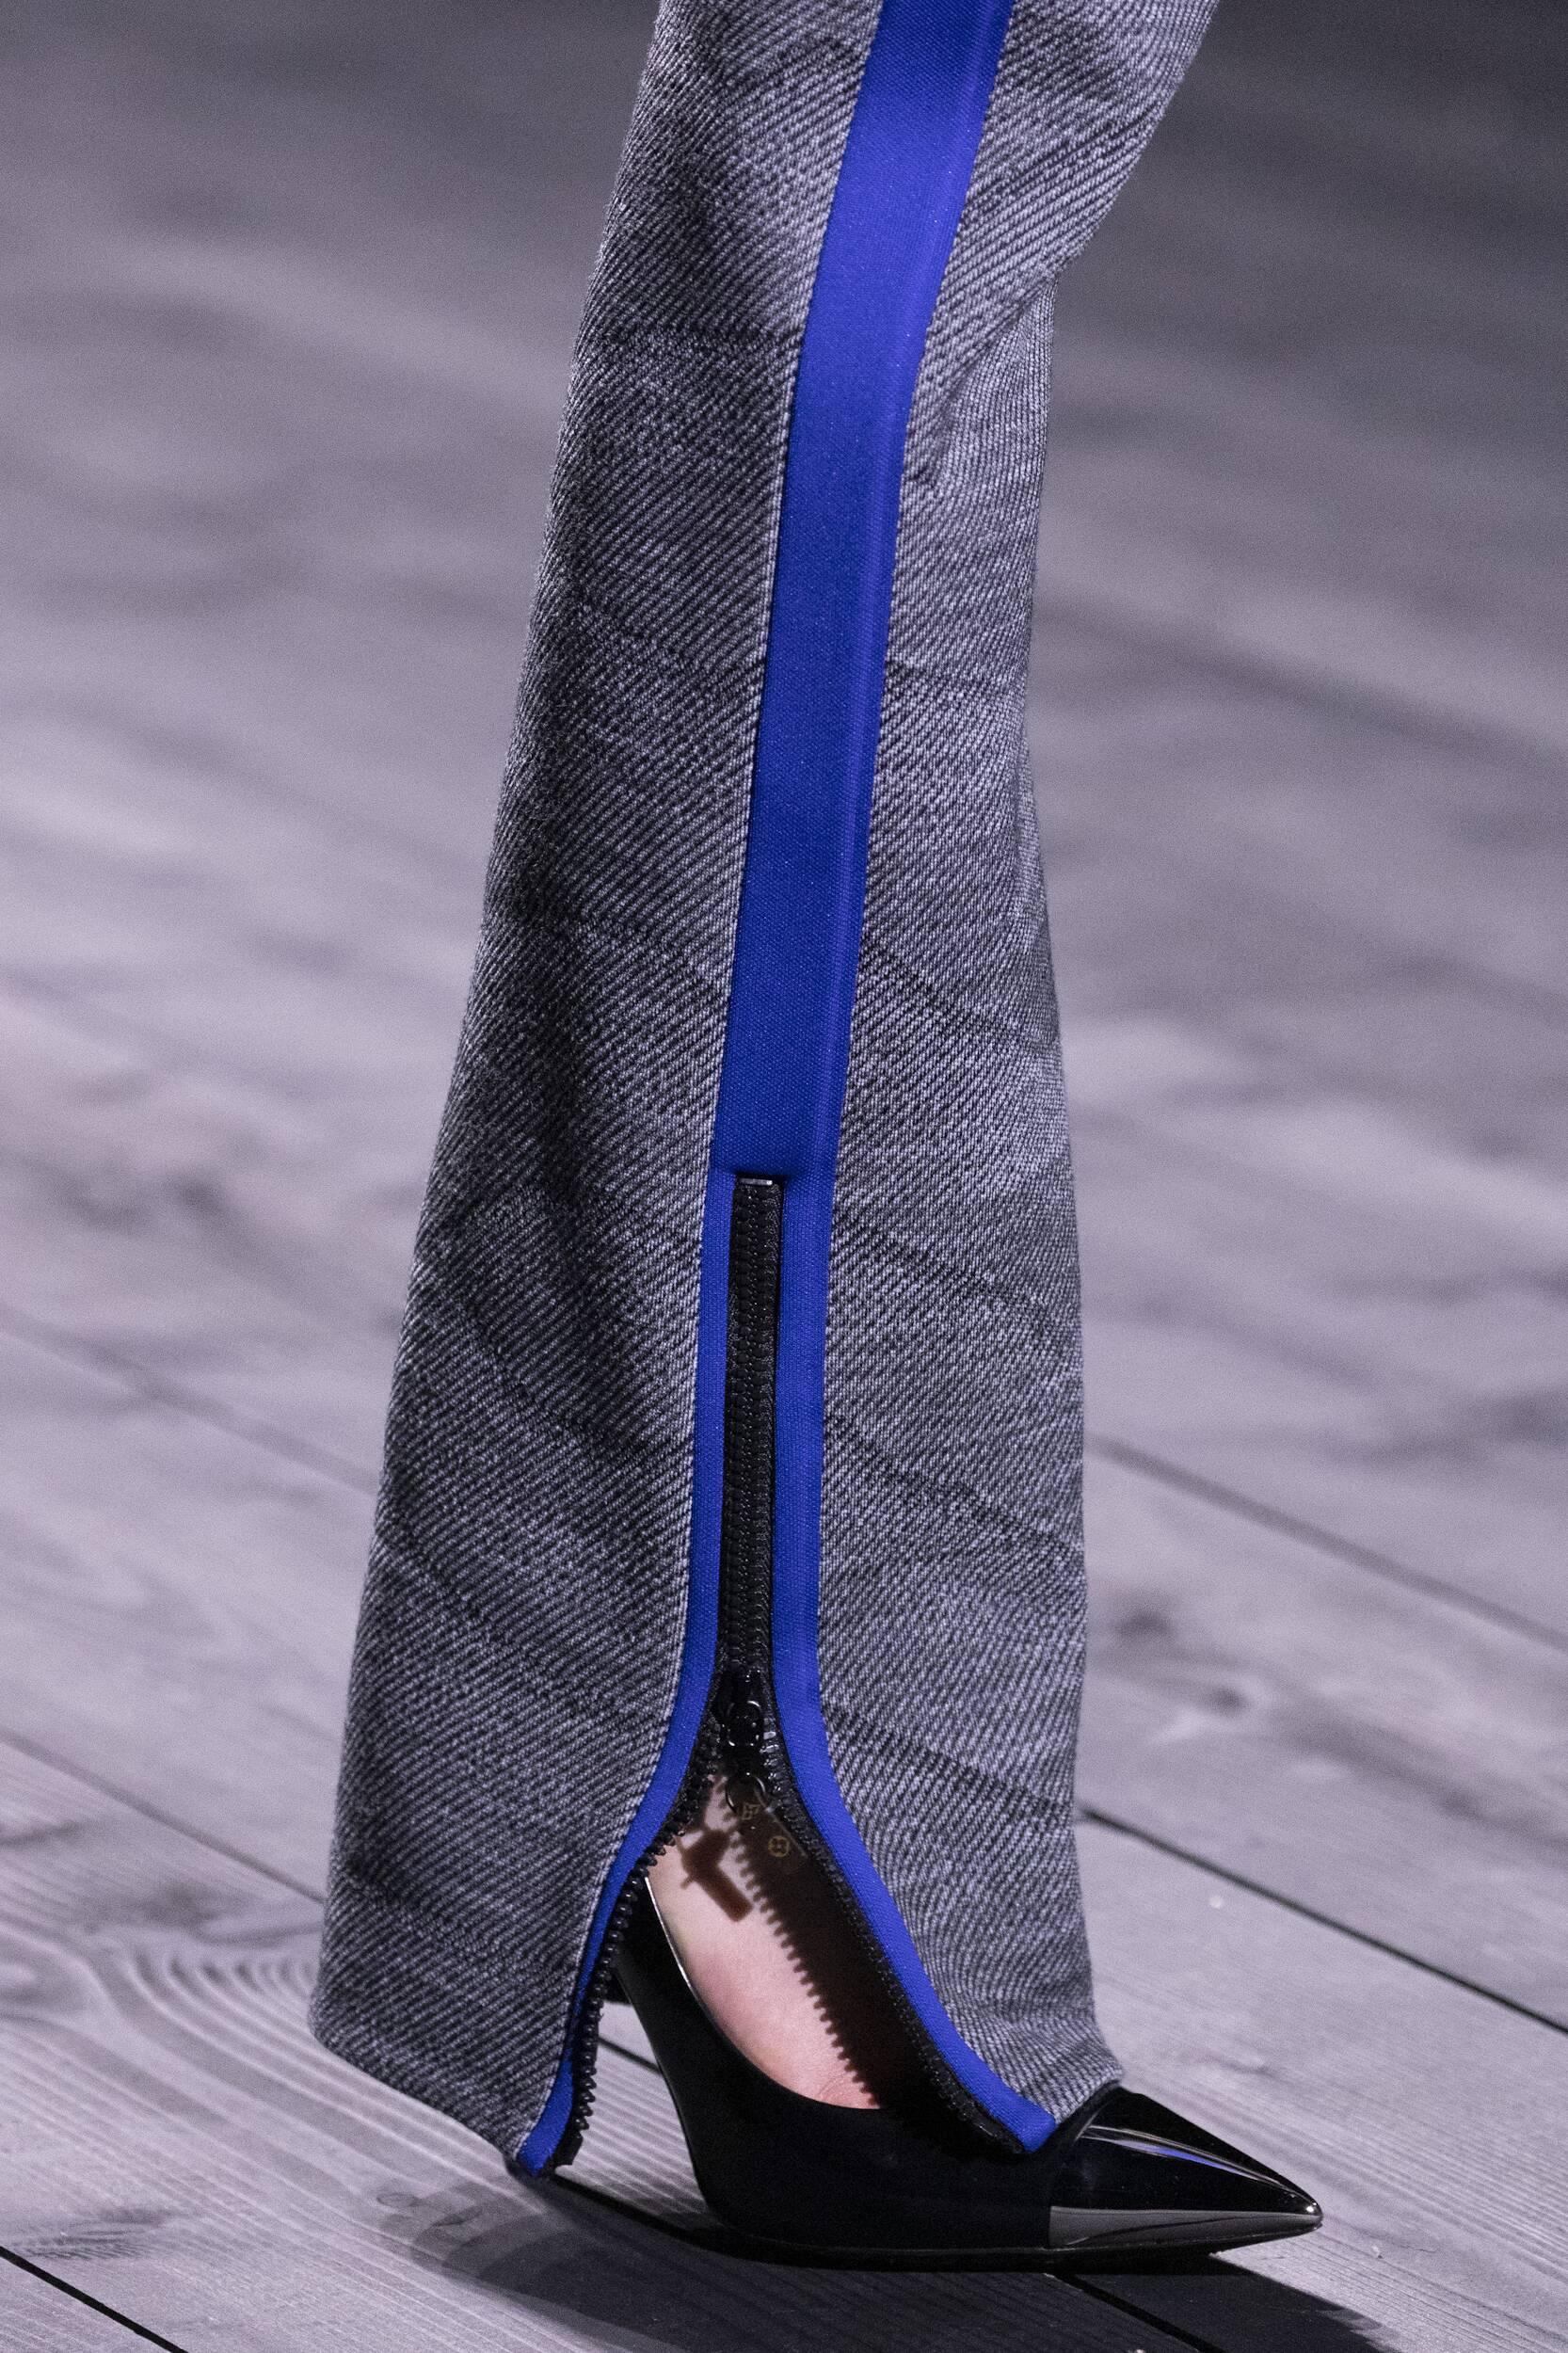 2020 Louis Vuitton Heels